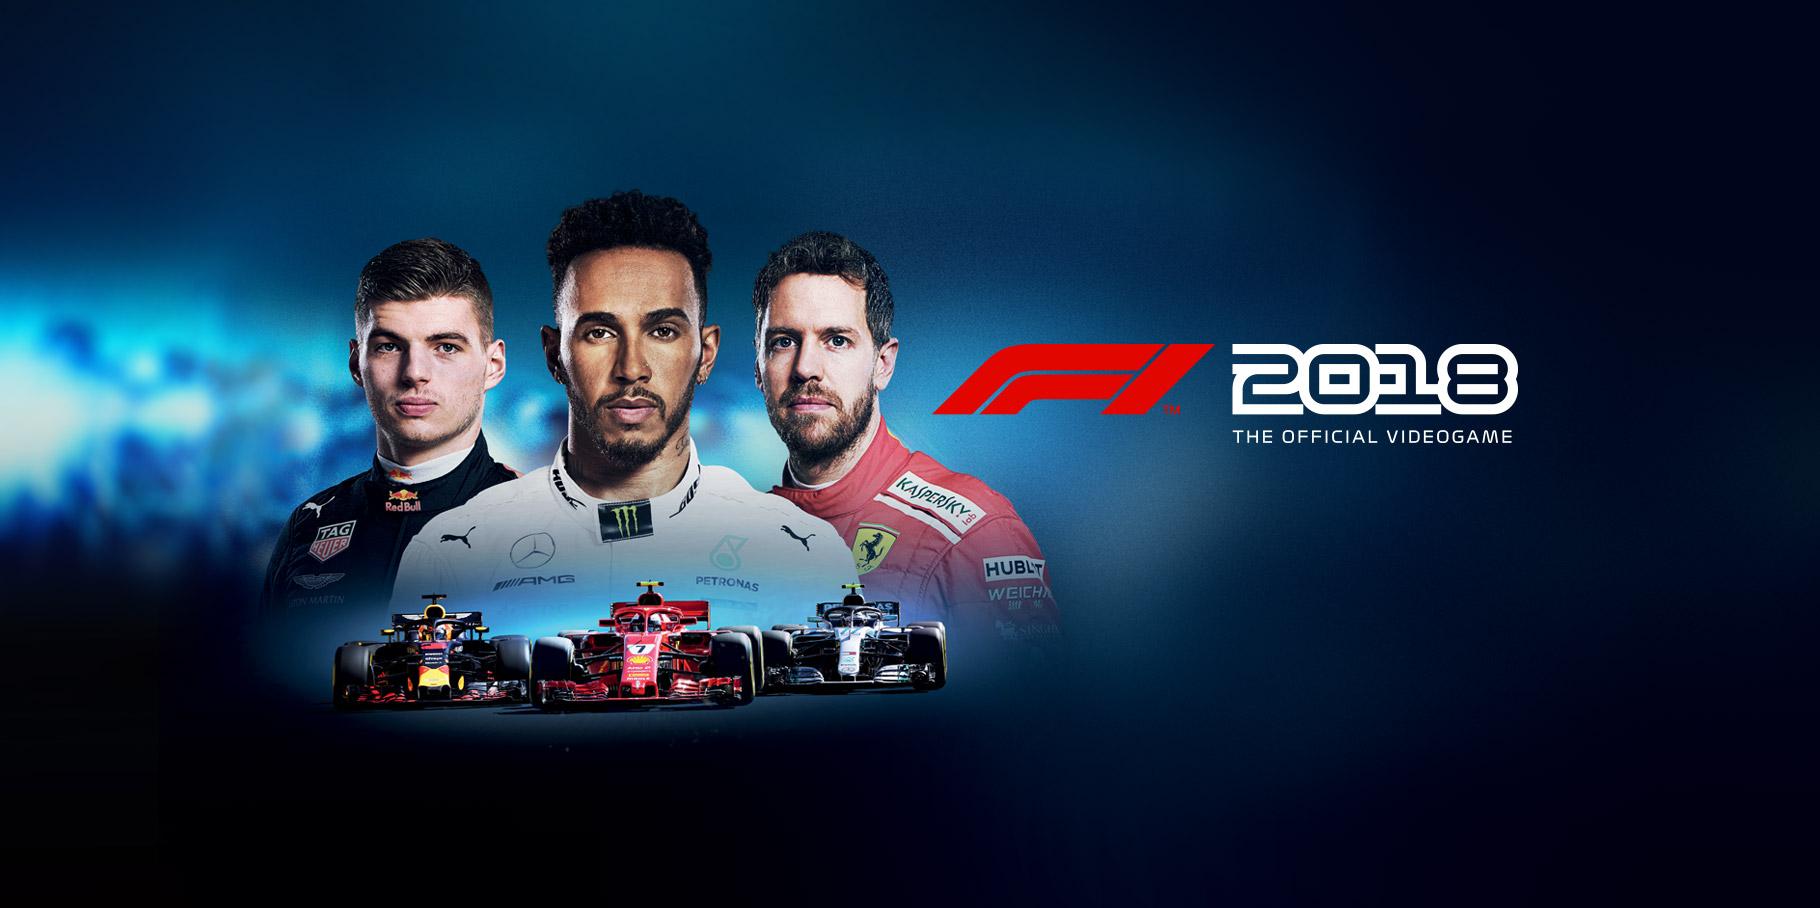 F1 2018: un nuovo video con Nico Hülkenberg come protagonista thumbnail